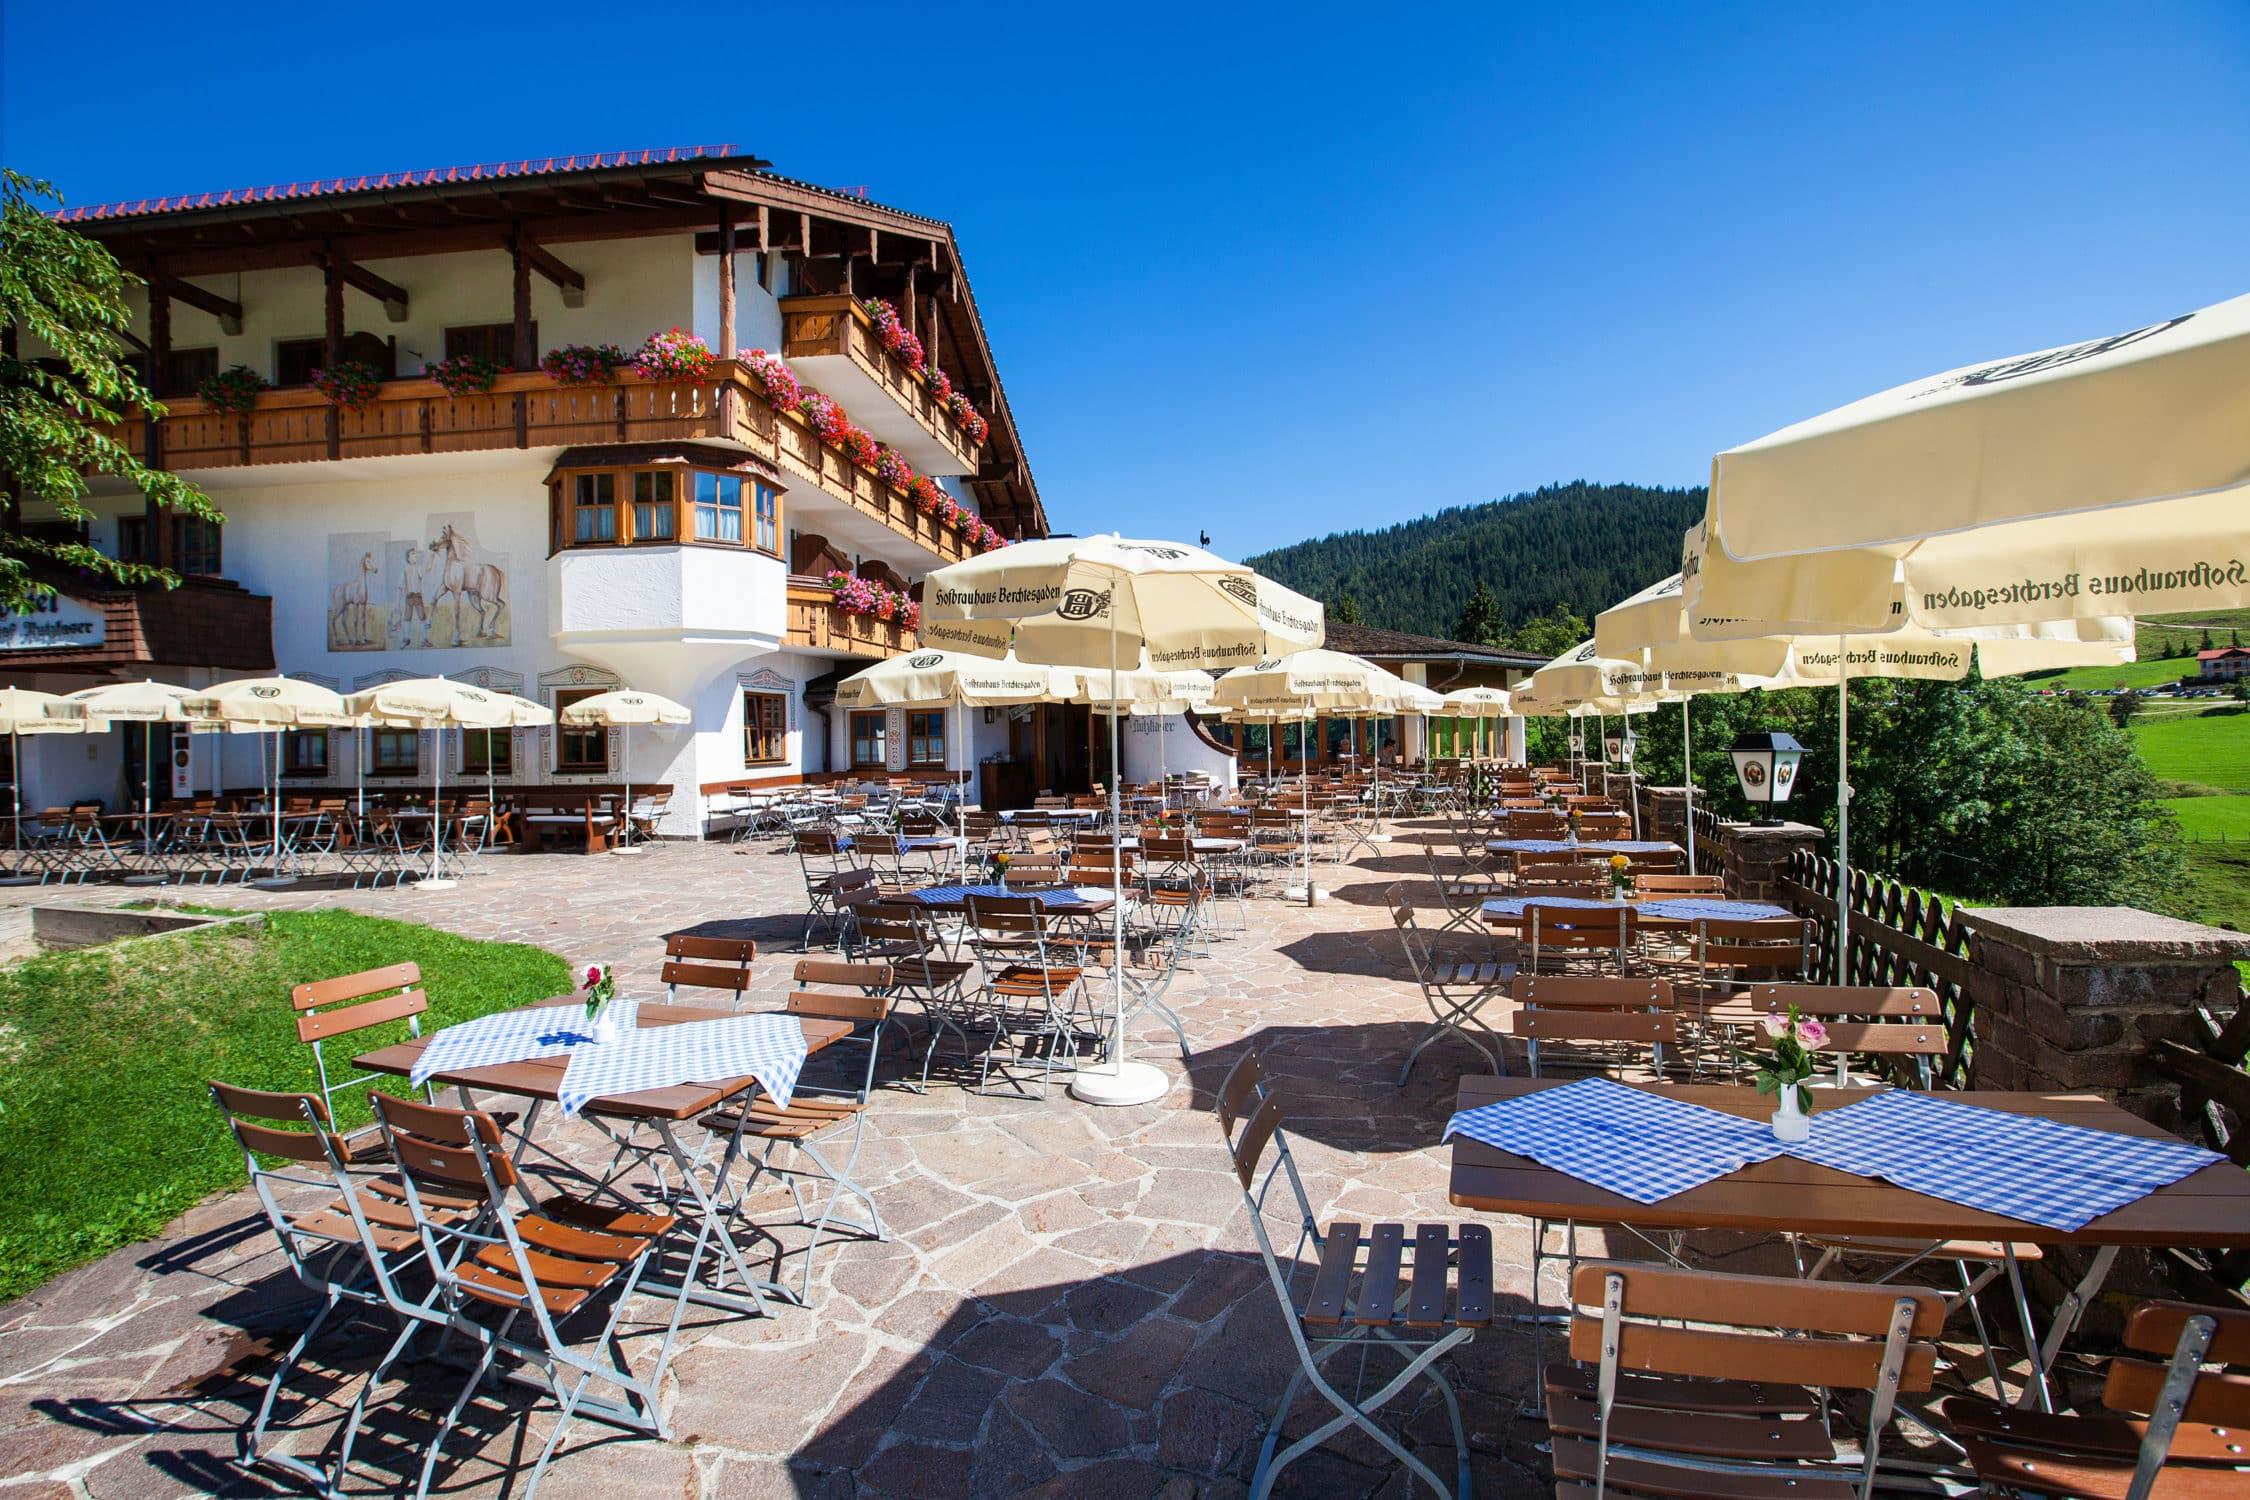 Hotel Gasthof Nutzkaser mit unserer sonnigen Panoramaterrasse